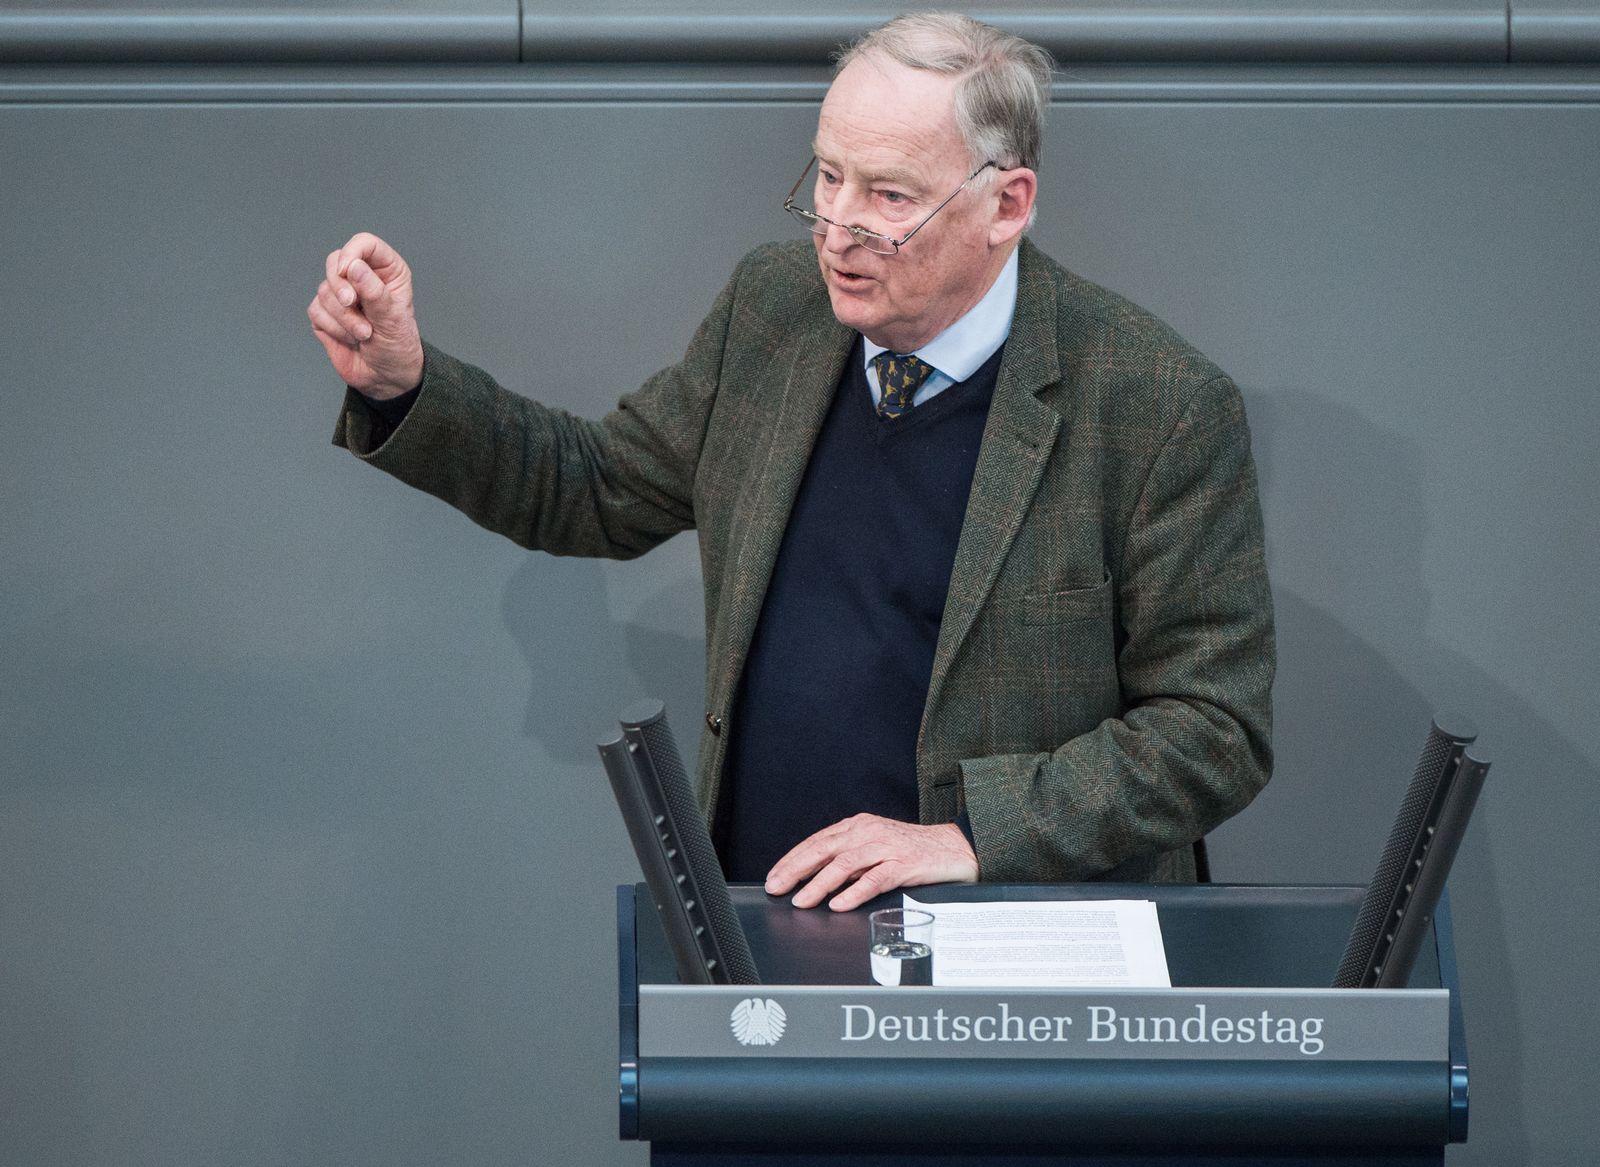 Regierungserklärung/ Bundestag/ Gauland